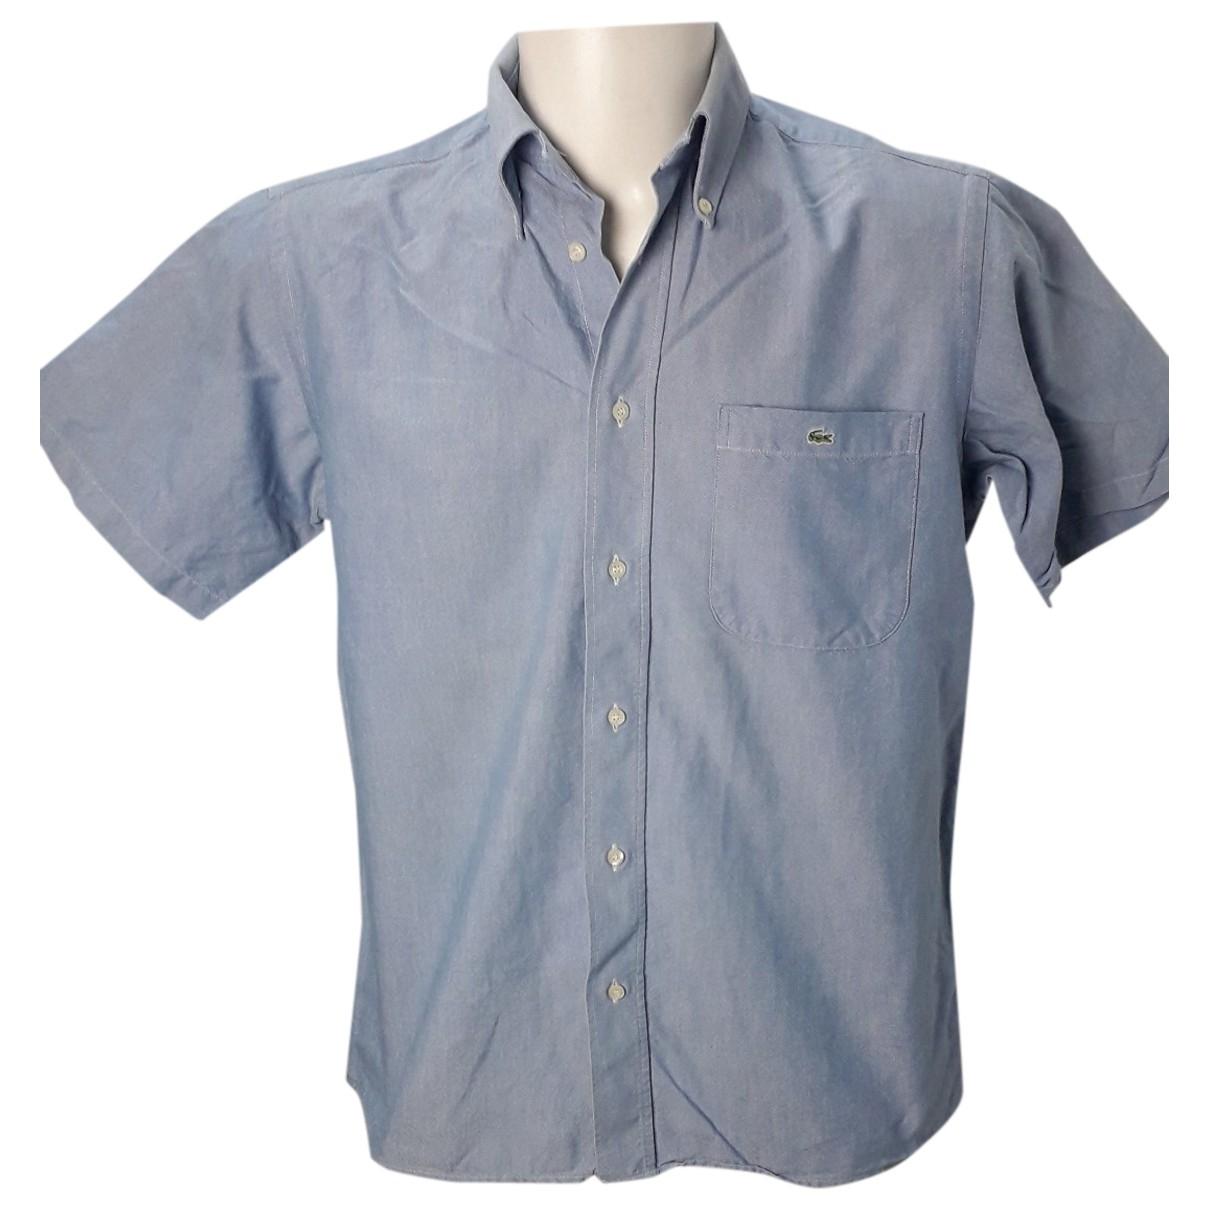 Lacoste \N Hemden in Baumwolle